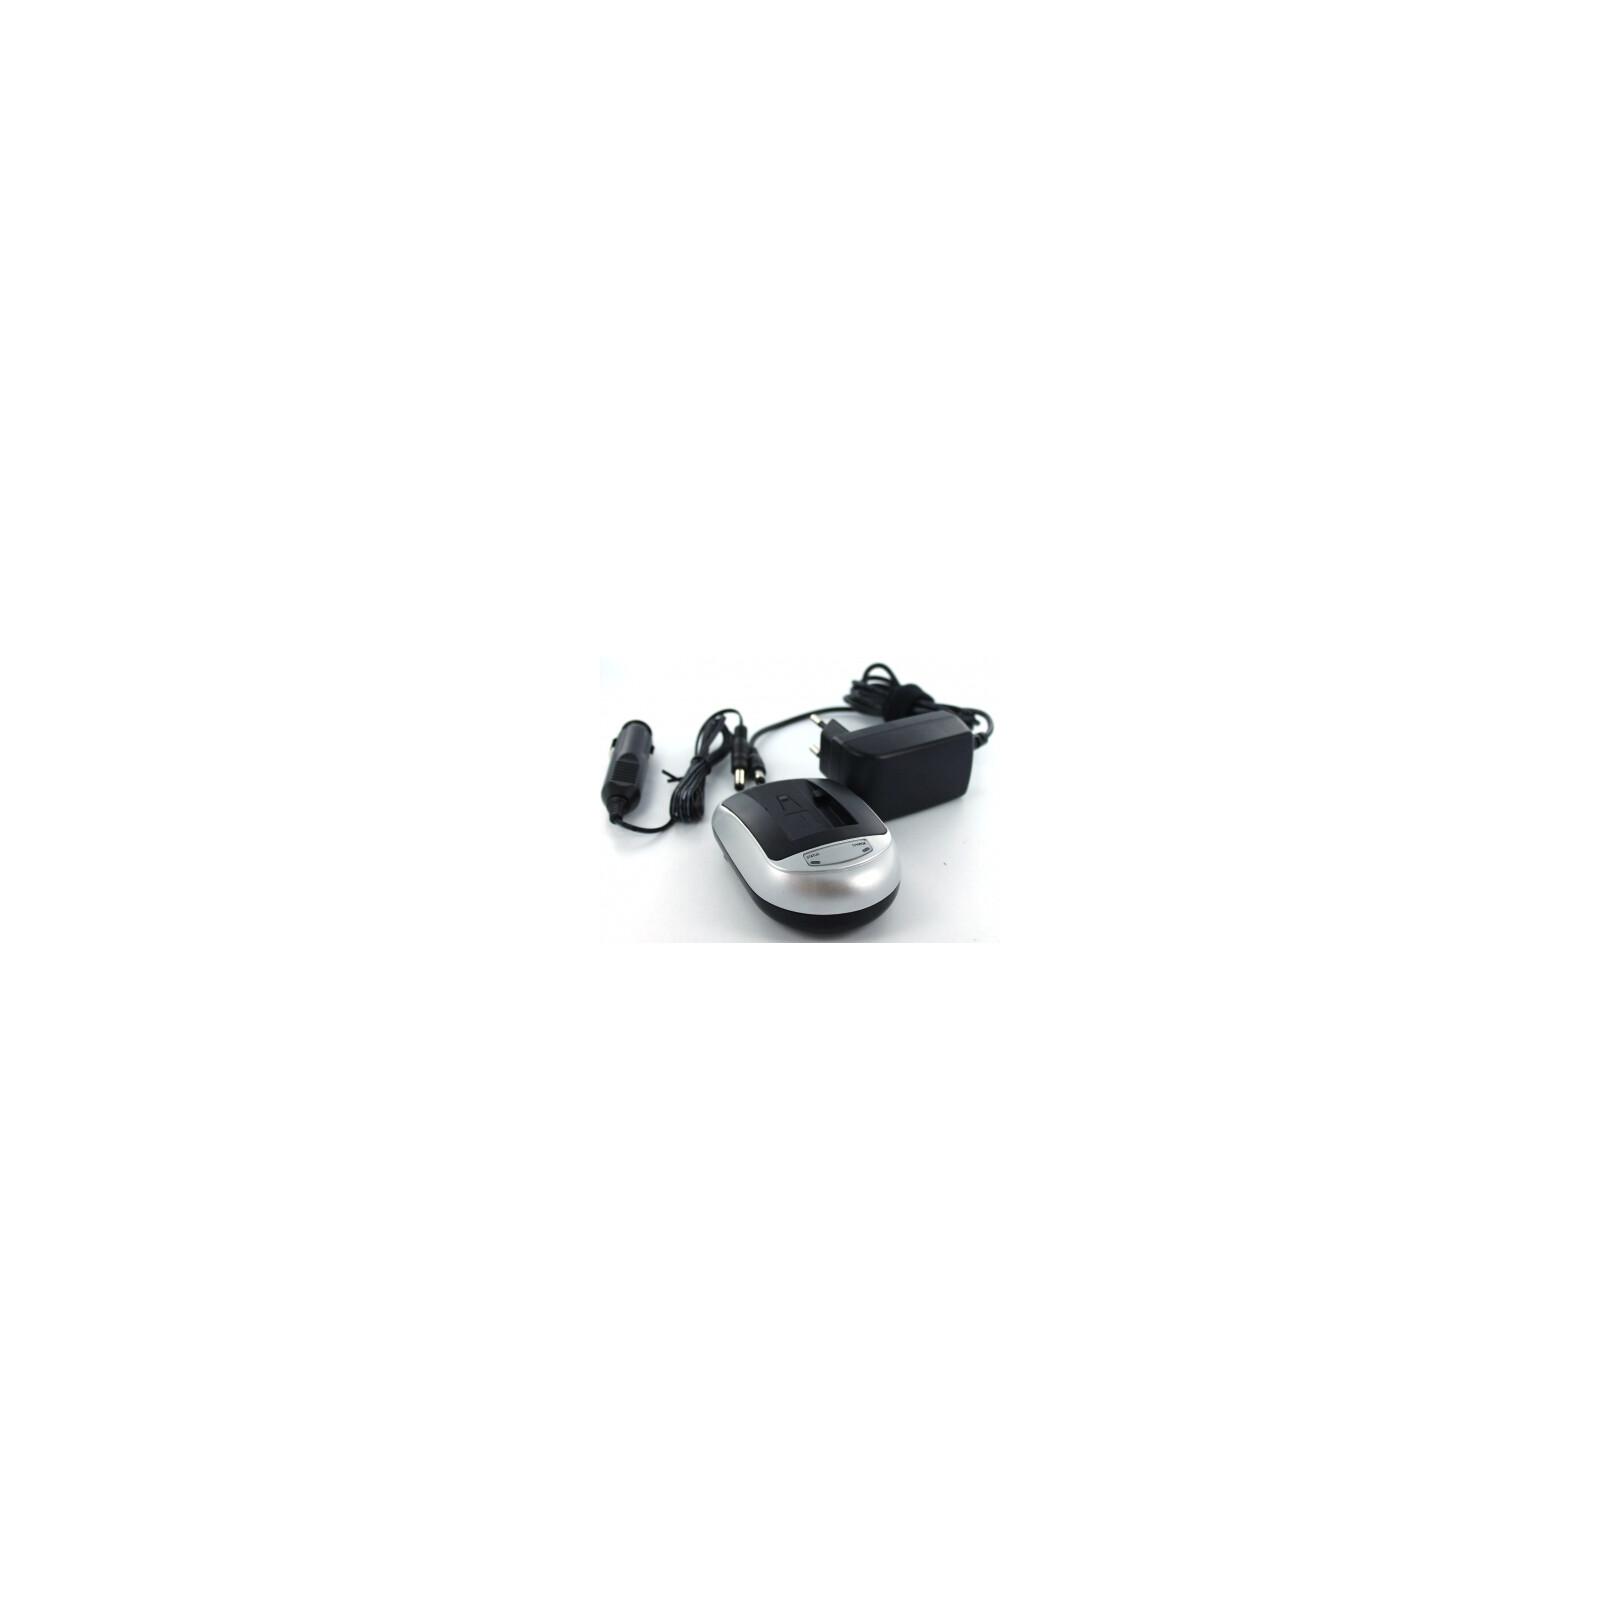 AGI 89804 Ladegerät Sony HDR-CX190E